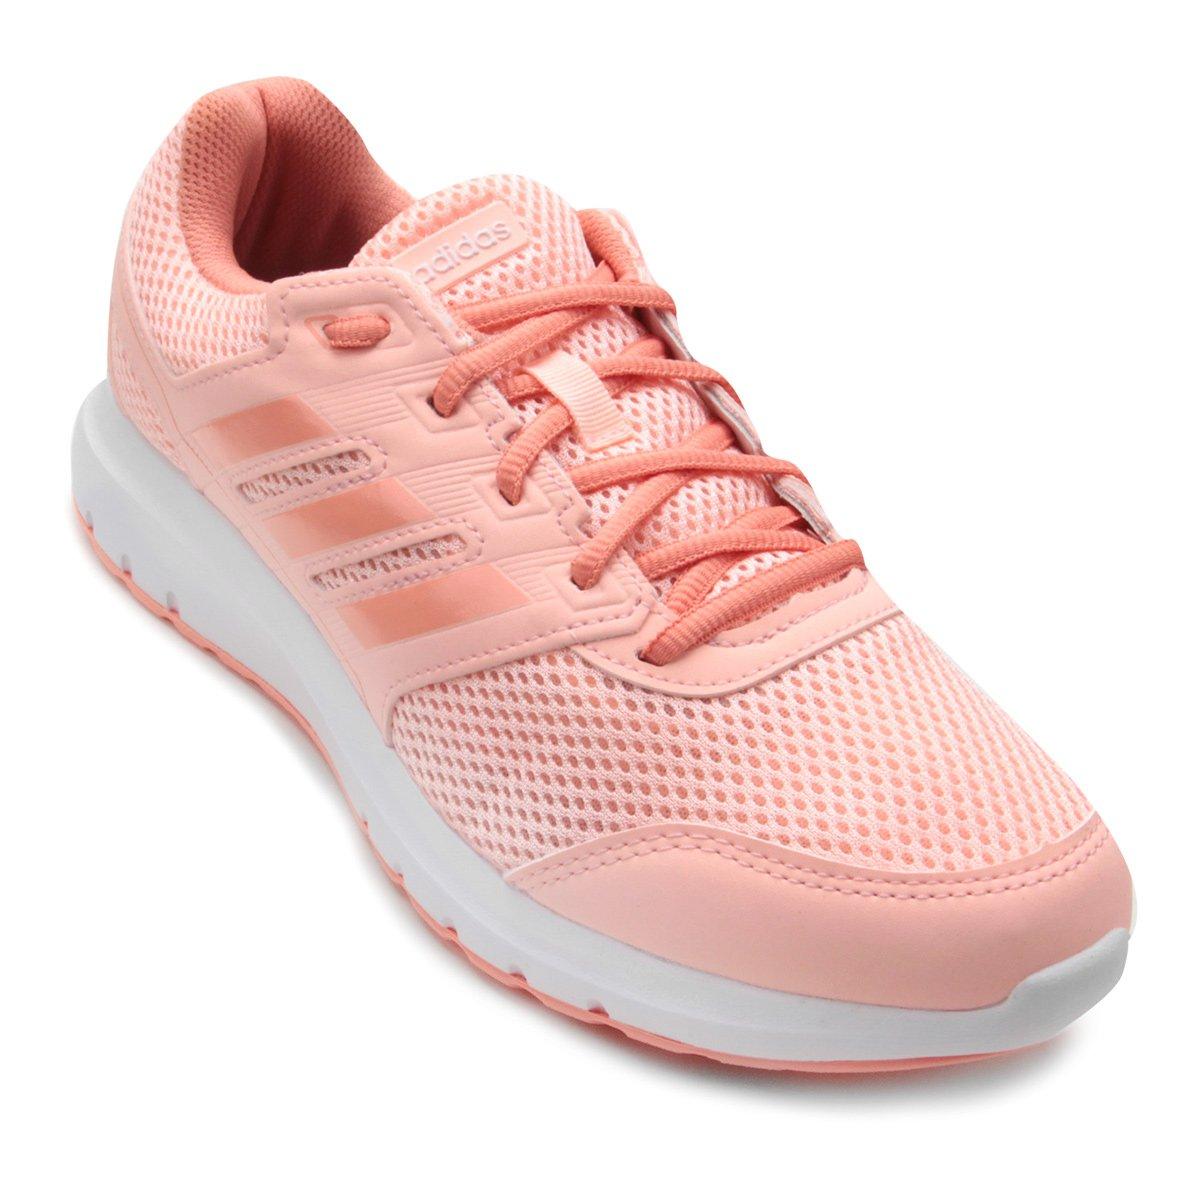 d90e345e720 Tênis Adidas Duramo Lite 2 0 Feminino - Coral - Compre Agora